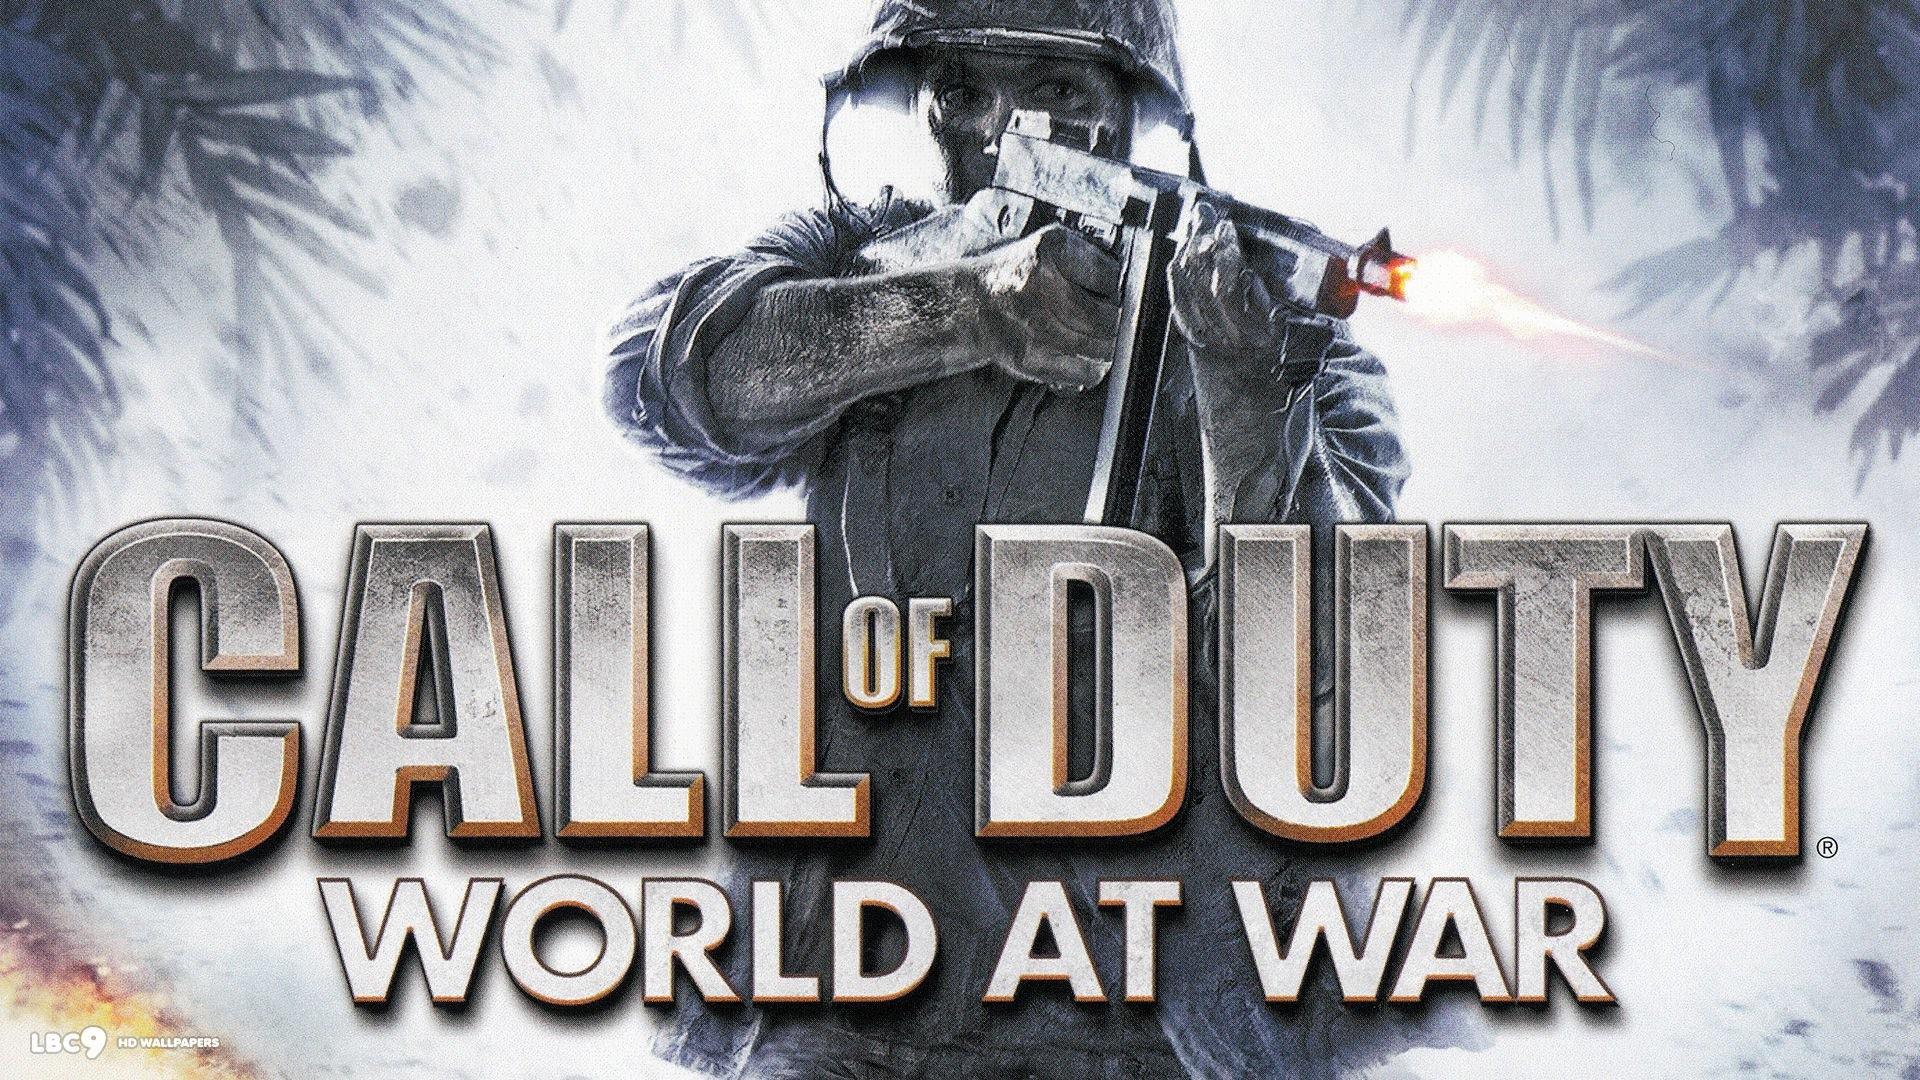 Call Of Duty World At War Wallpaper 1920x1080 Wallpapertag